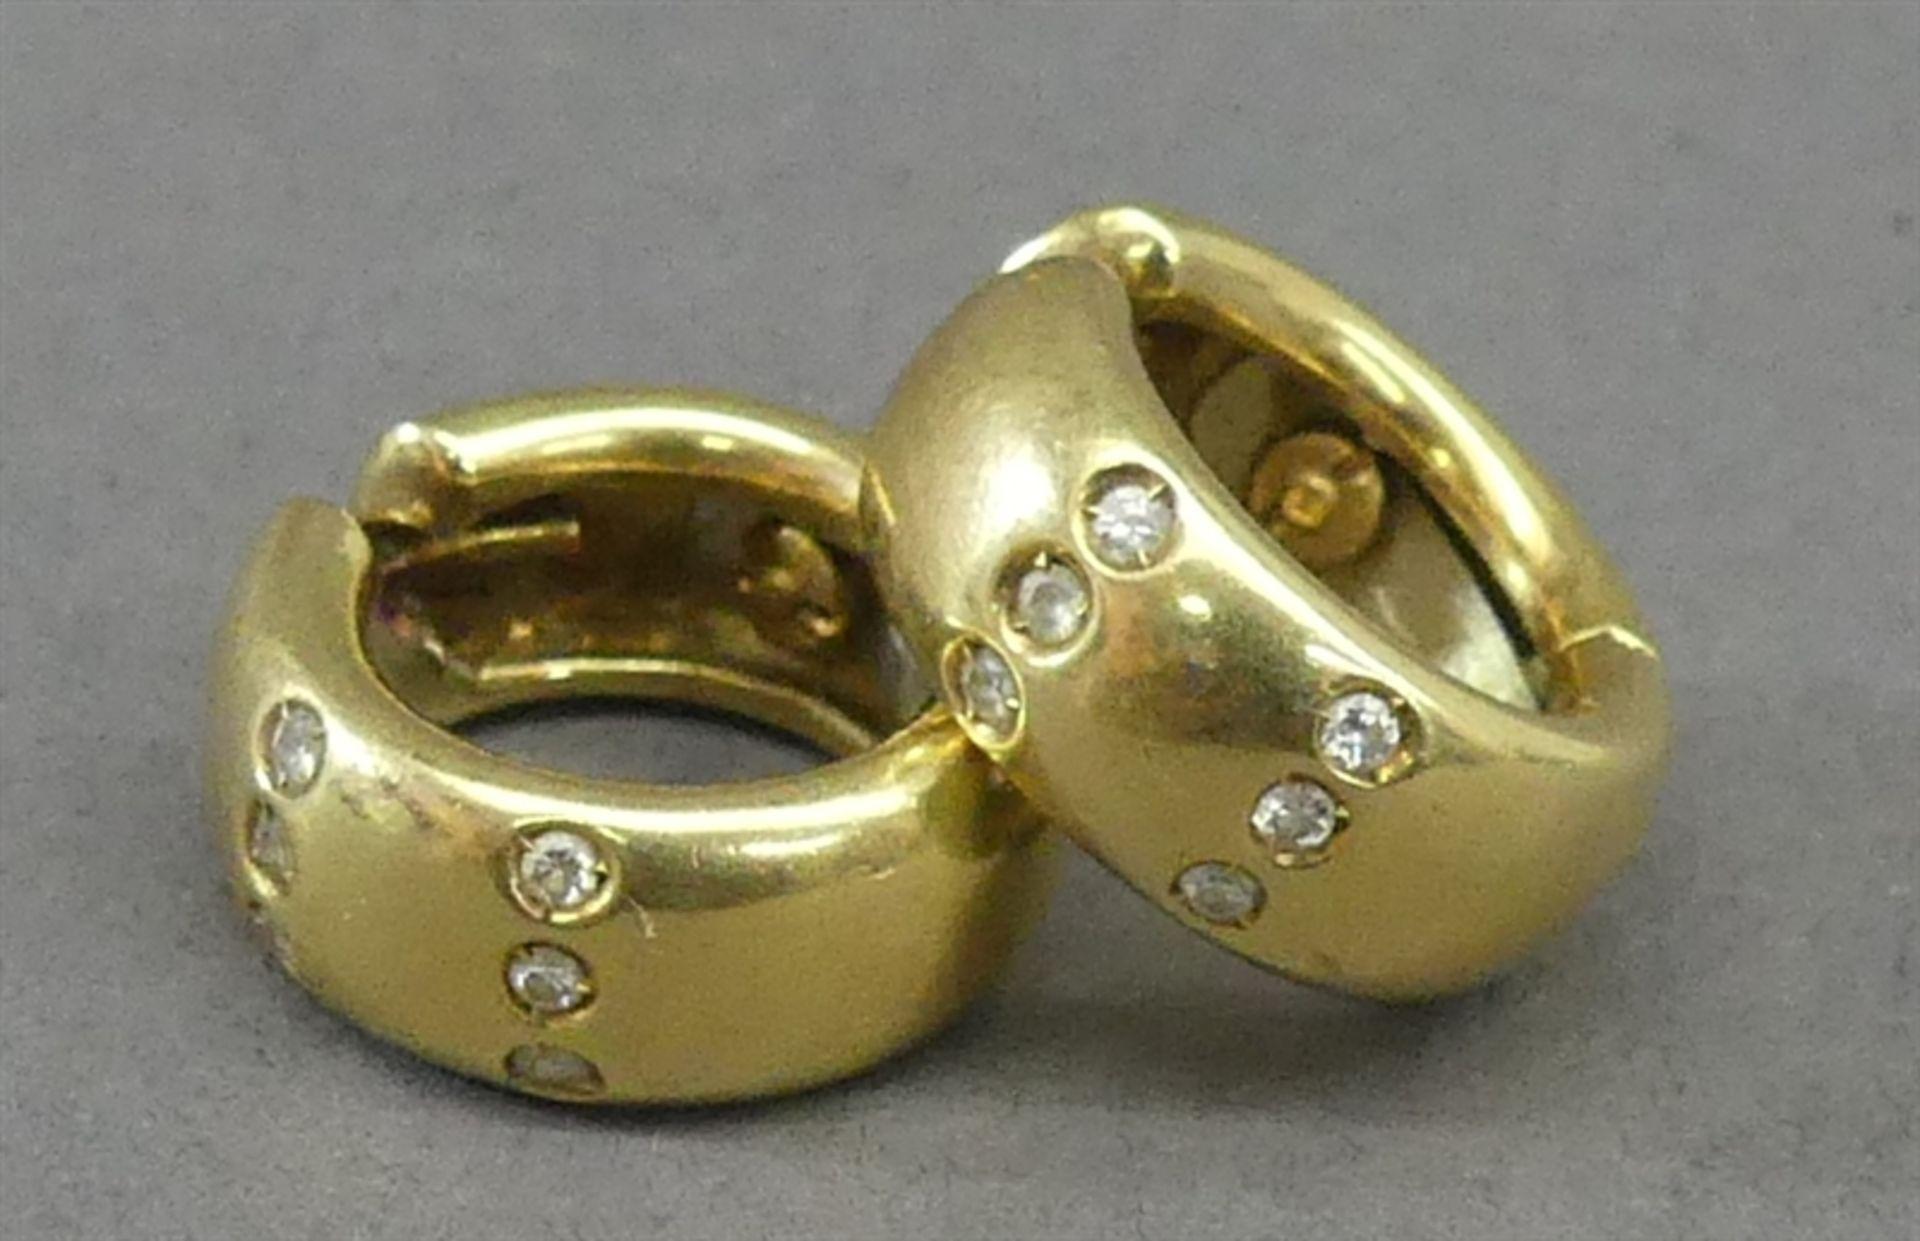 Paar Creolen 18 kt. Gelbgold, besetzt mit 12 kleinen Diamanten, zusammen ca 11g, d 1,5 cm,